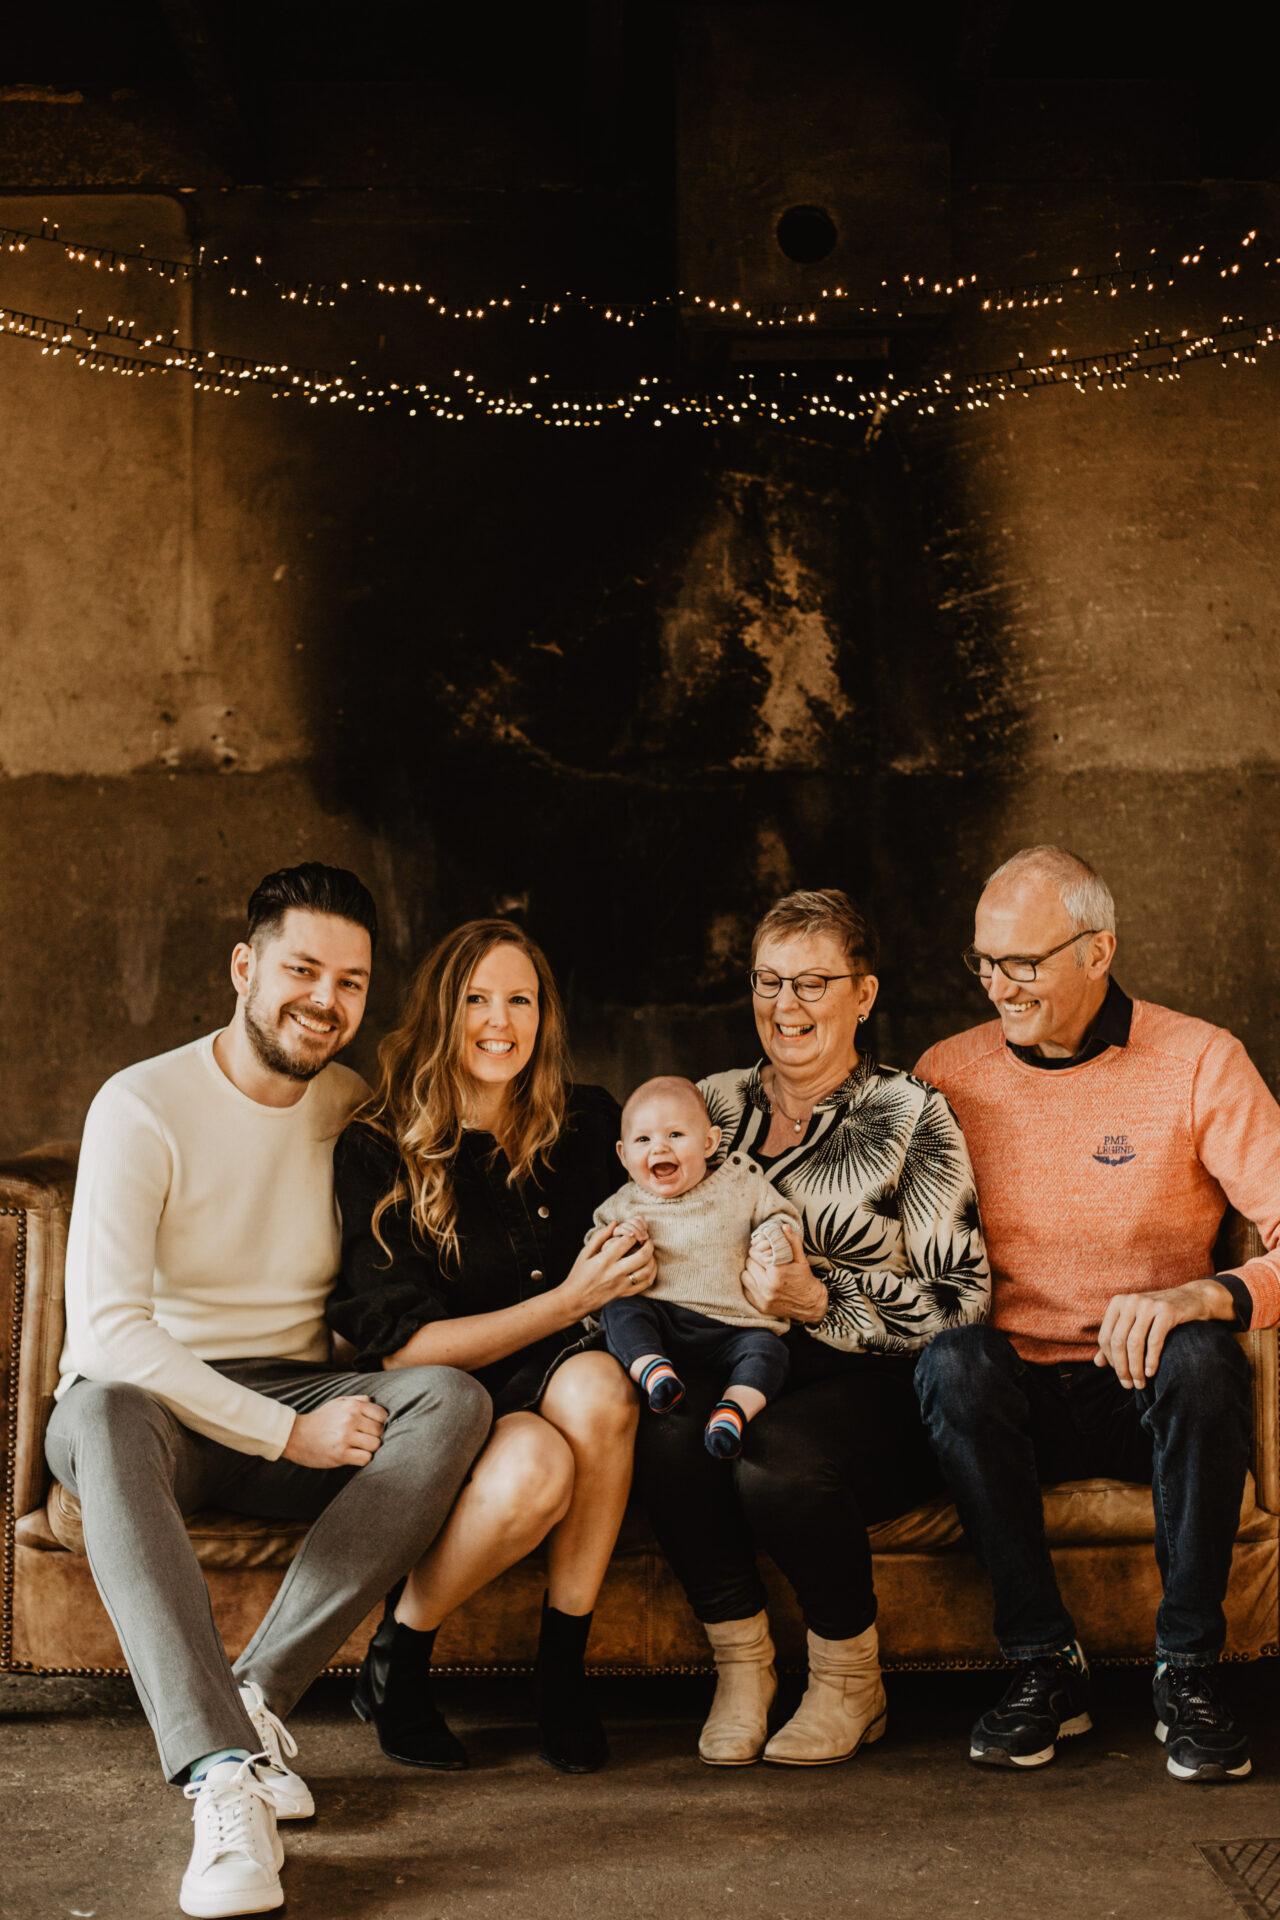 Familie fotoshoot binnenlocatie